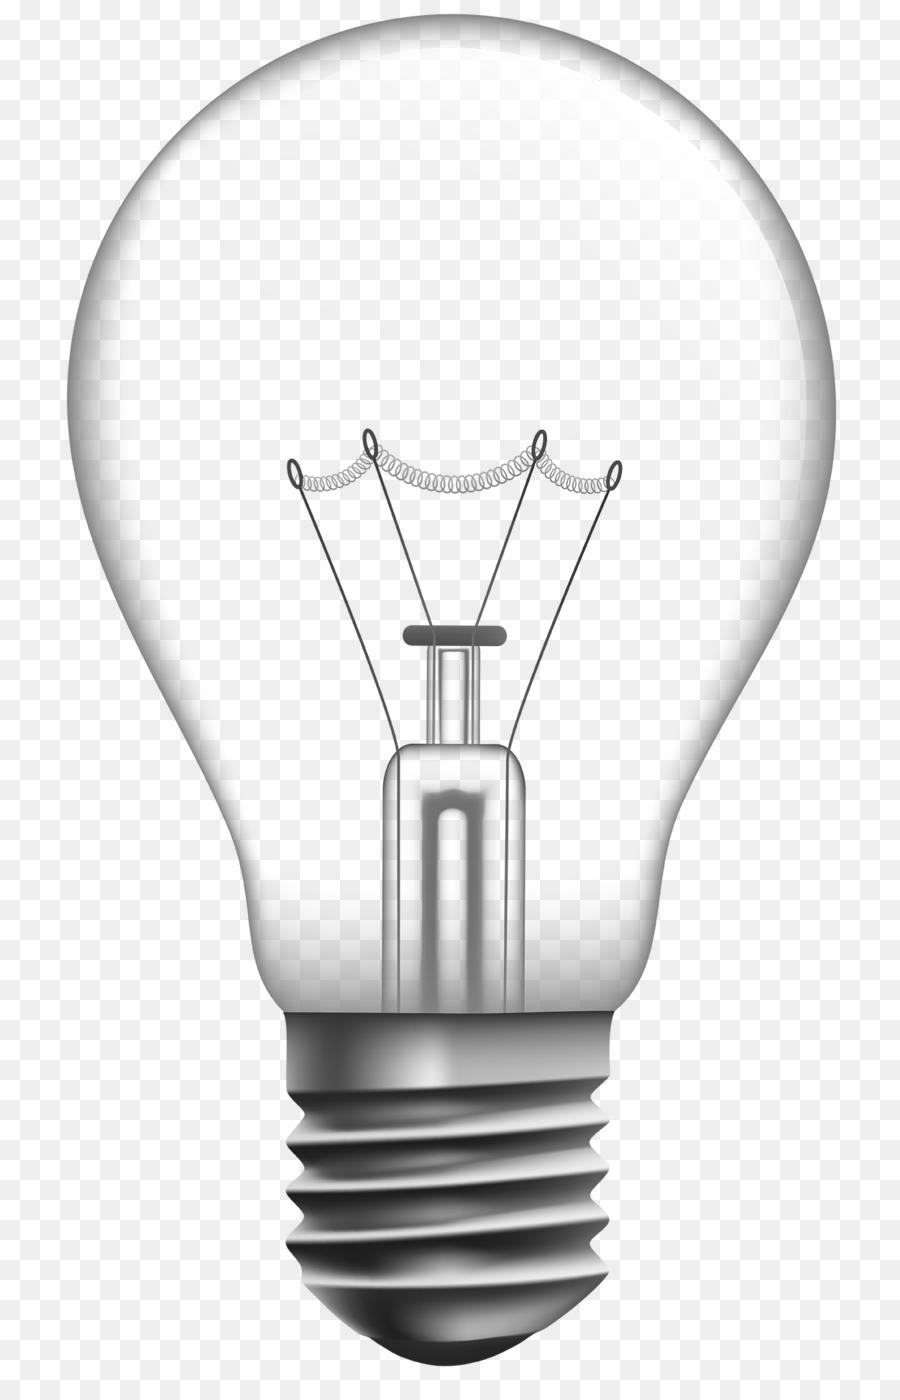 Картинки лампочка на прозрачном фоне